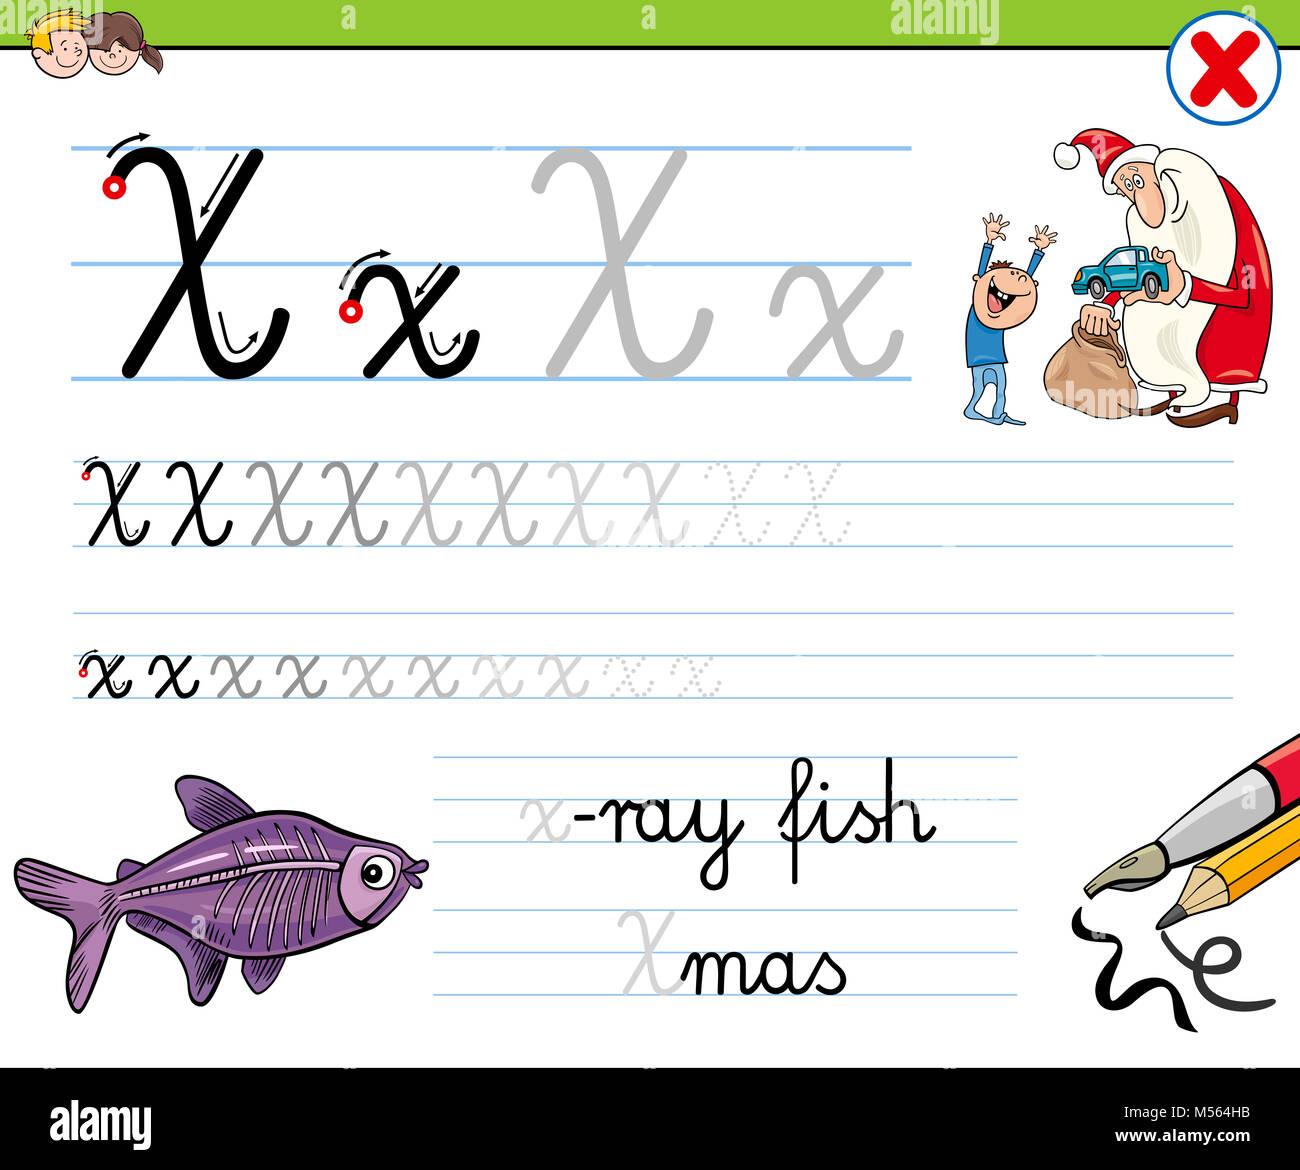 Cartoon X Ray Fish Stock Photos Amp Cartoon X Ray Fish Stock